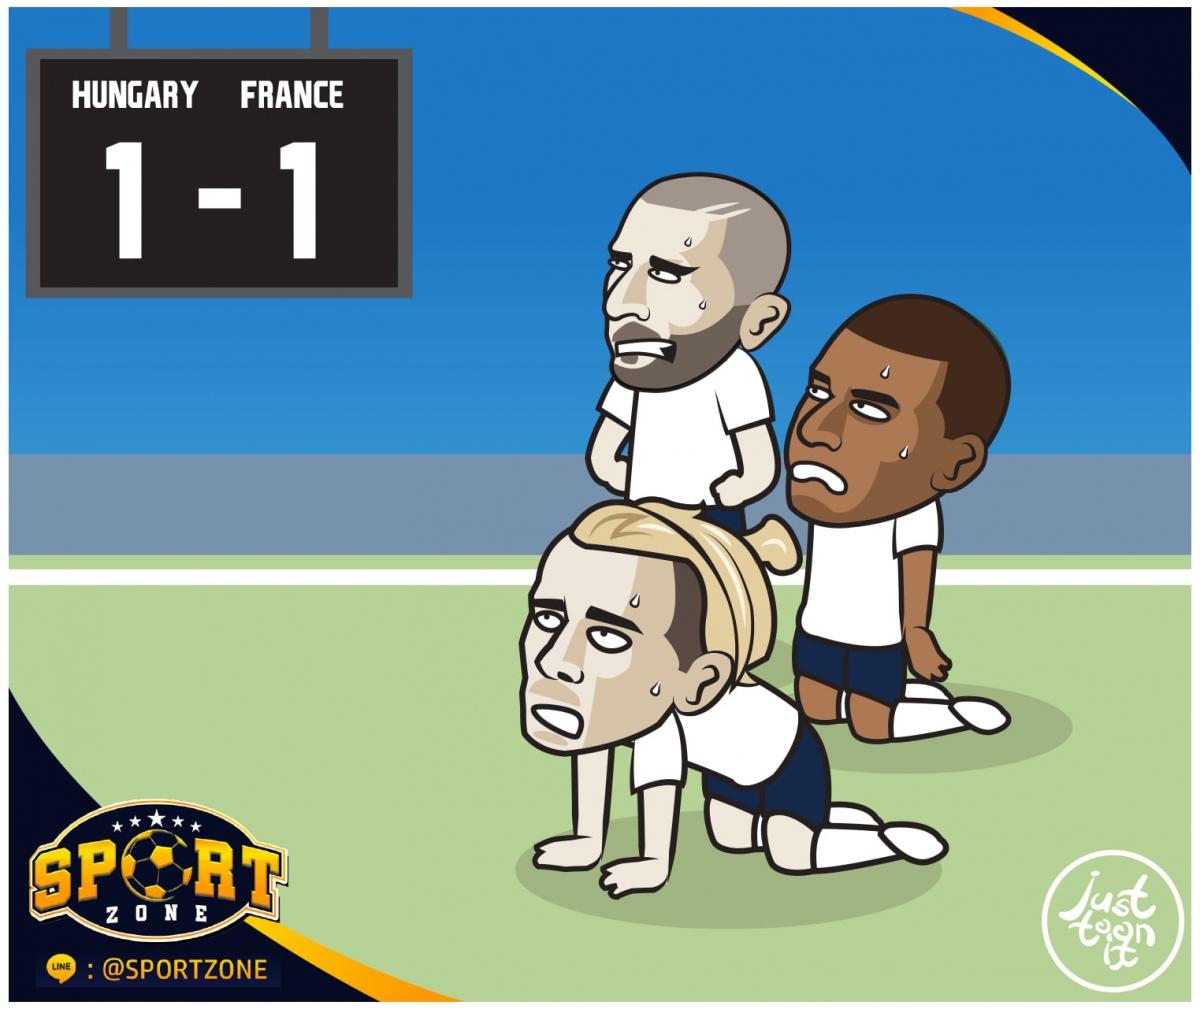 Pháp chật vật giành 1 điểm trước Hungary. (Ảnh: Just Toon It)